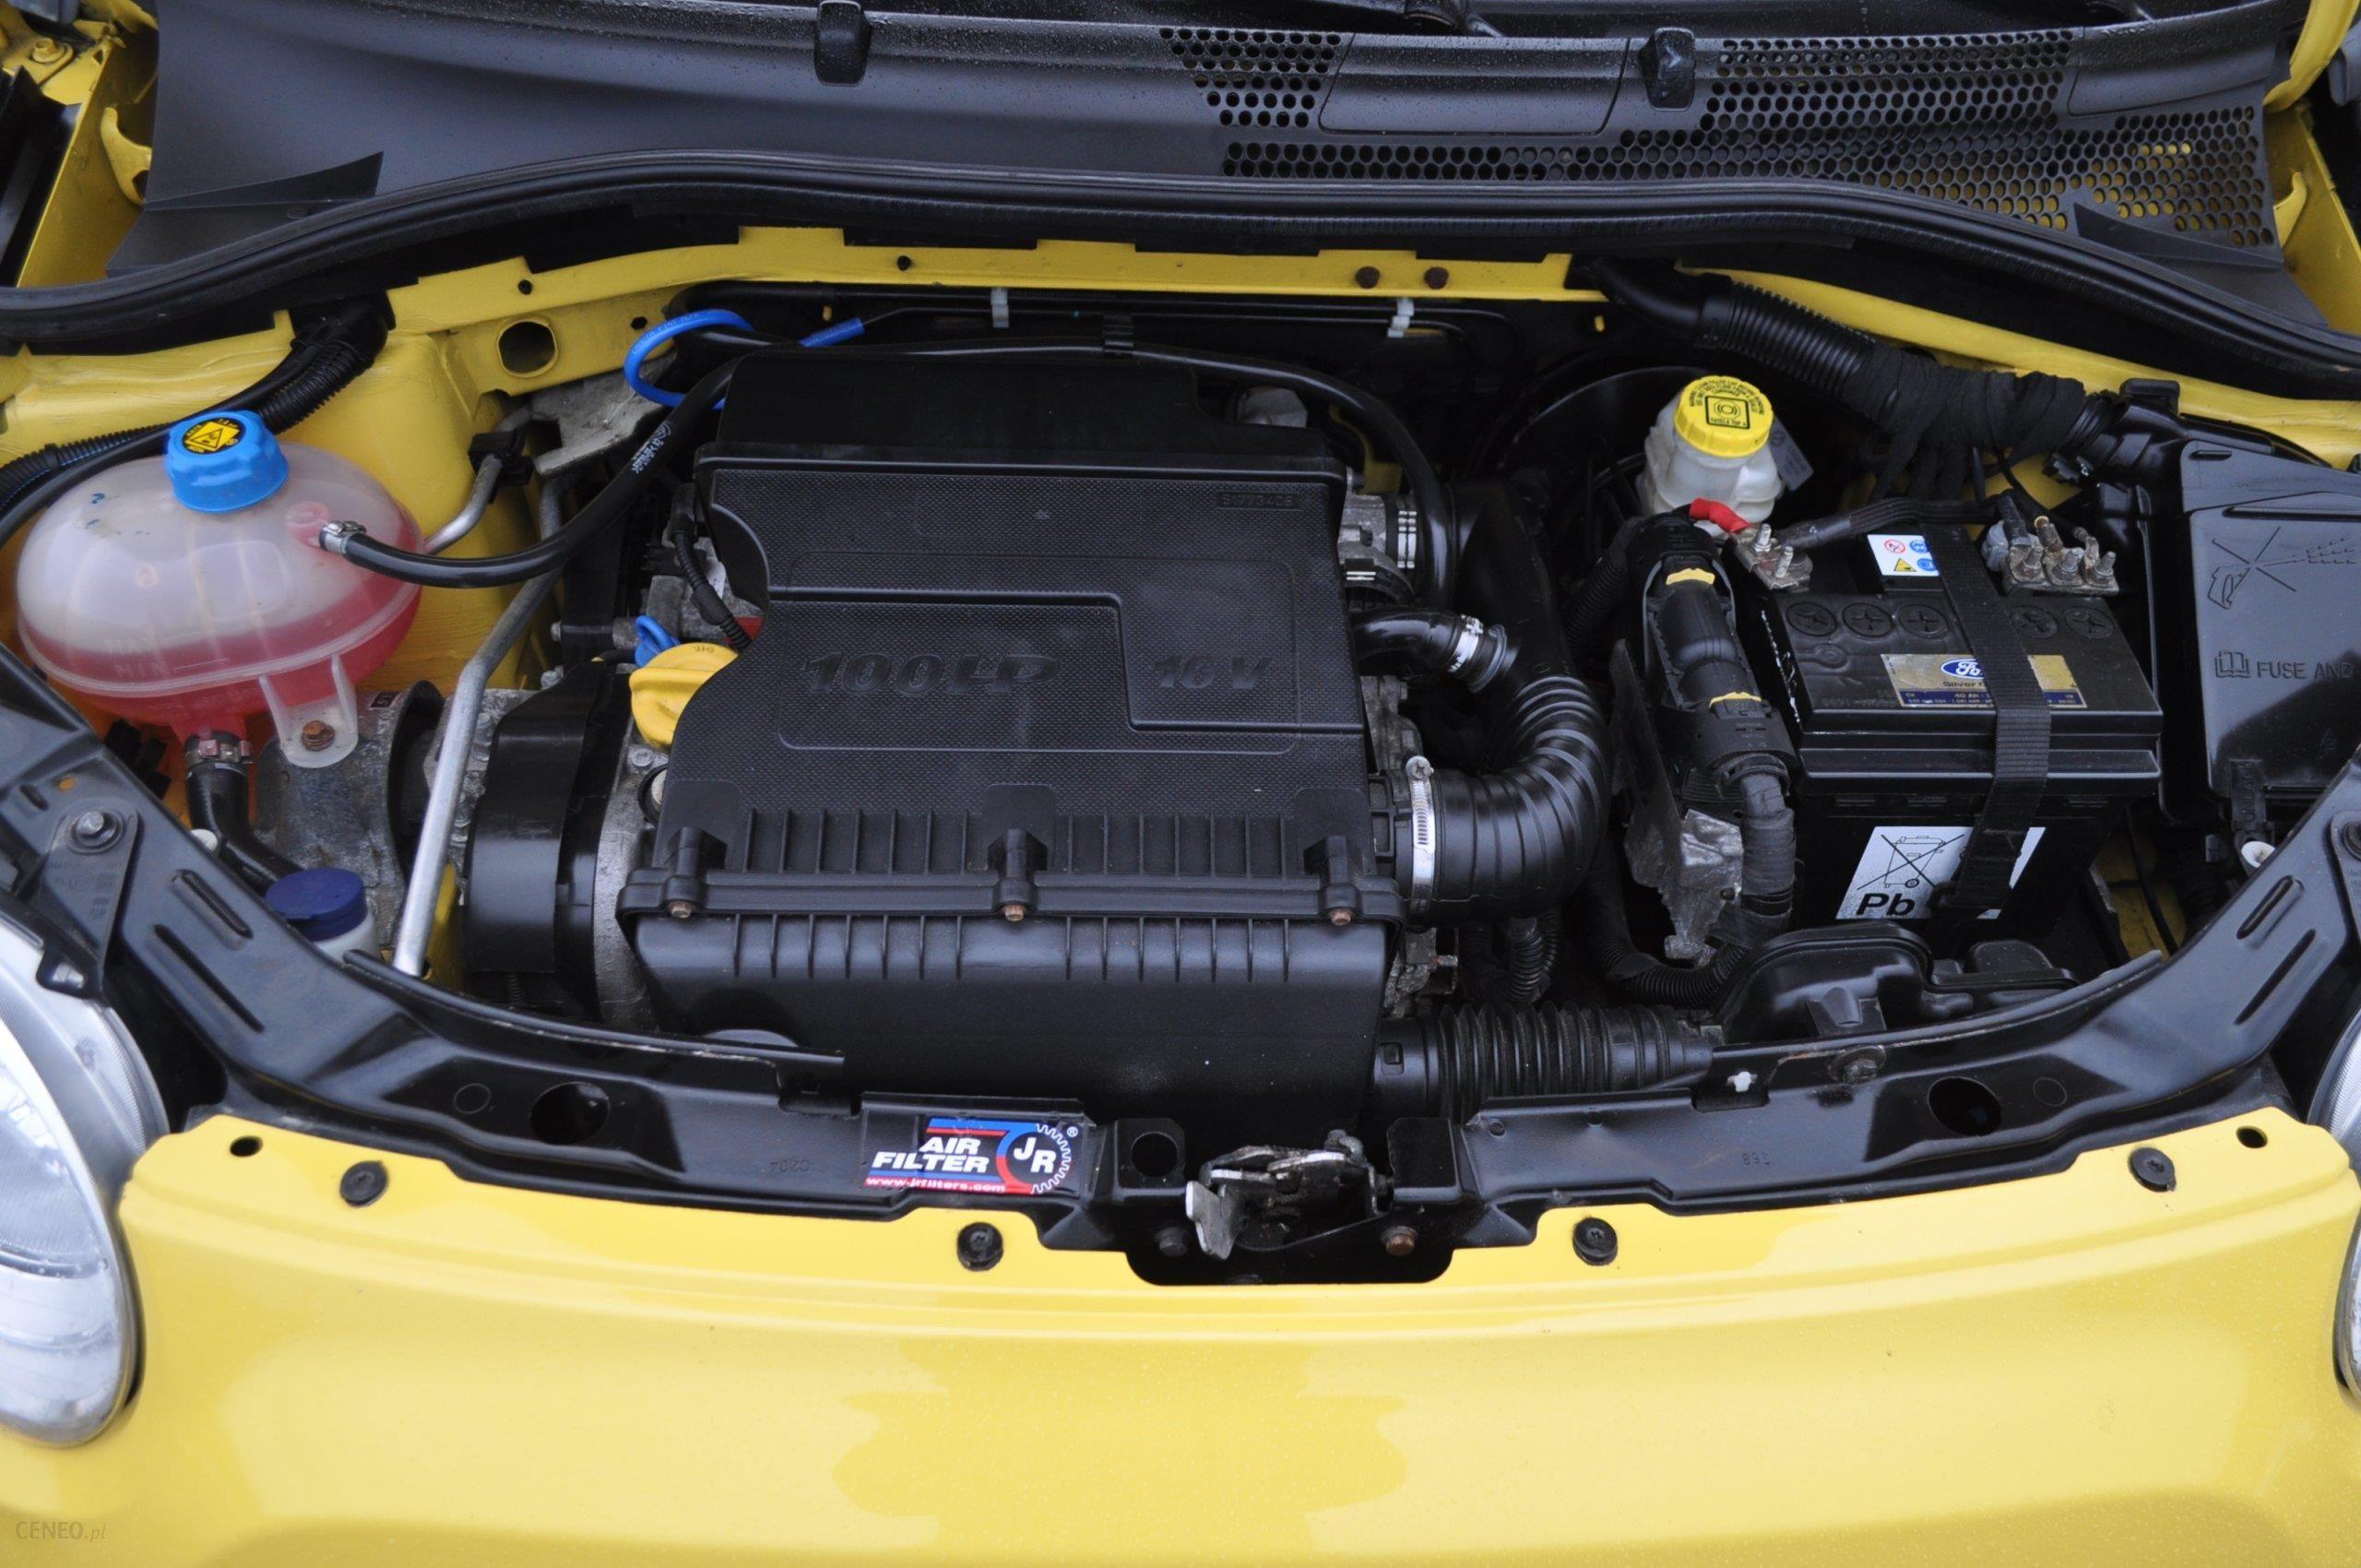 Groovy Fiat 500 2008 benzyna 100KM hatchback żółty - Opinie i ceny na RU52